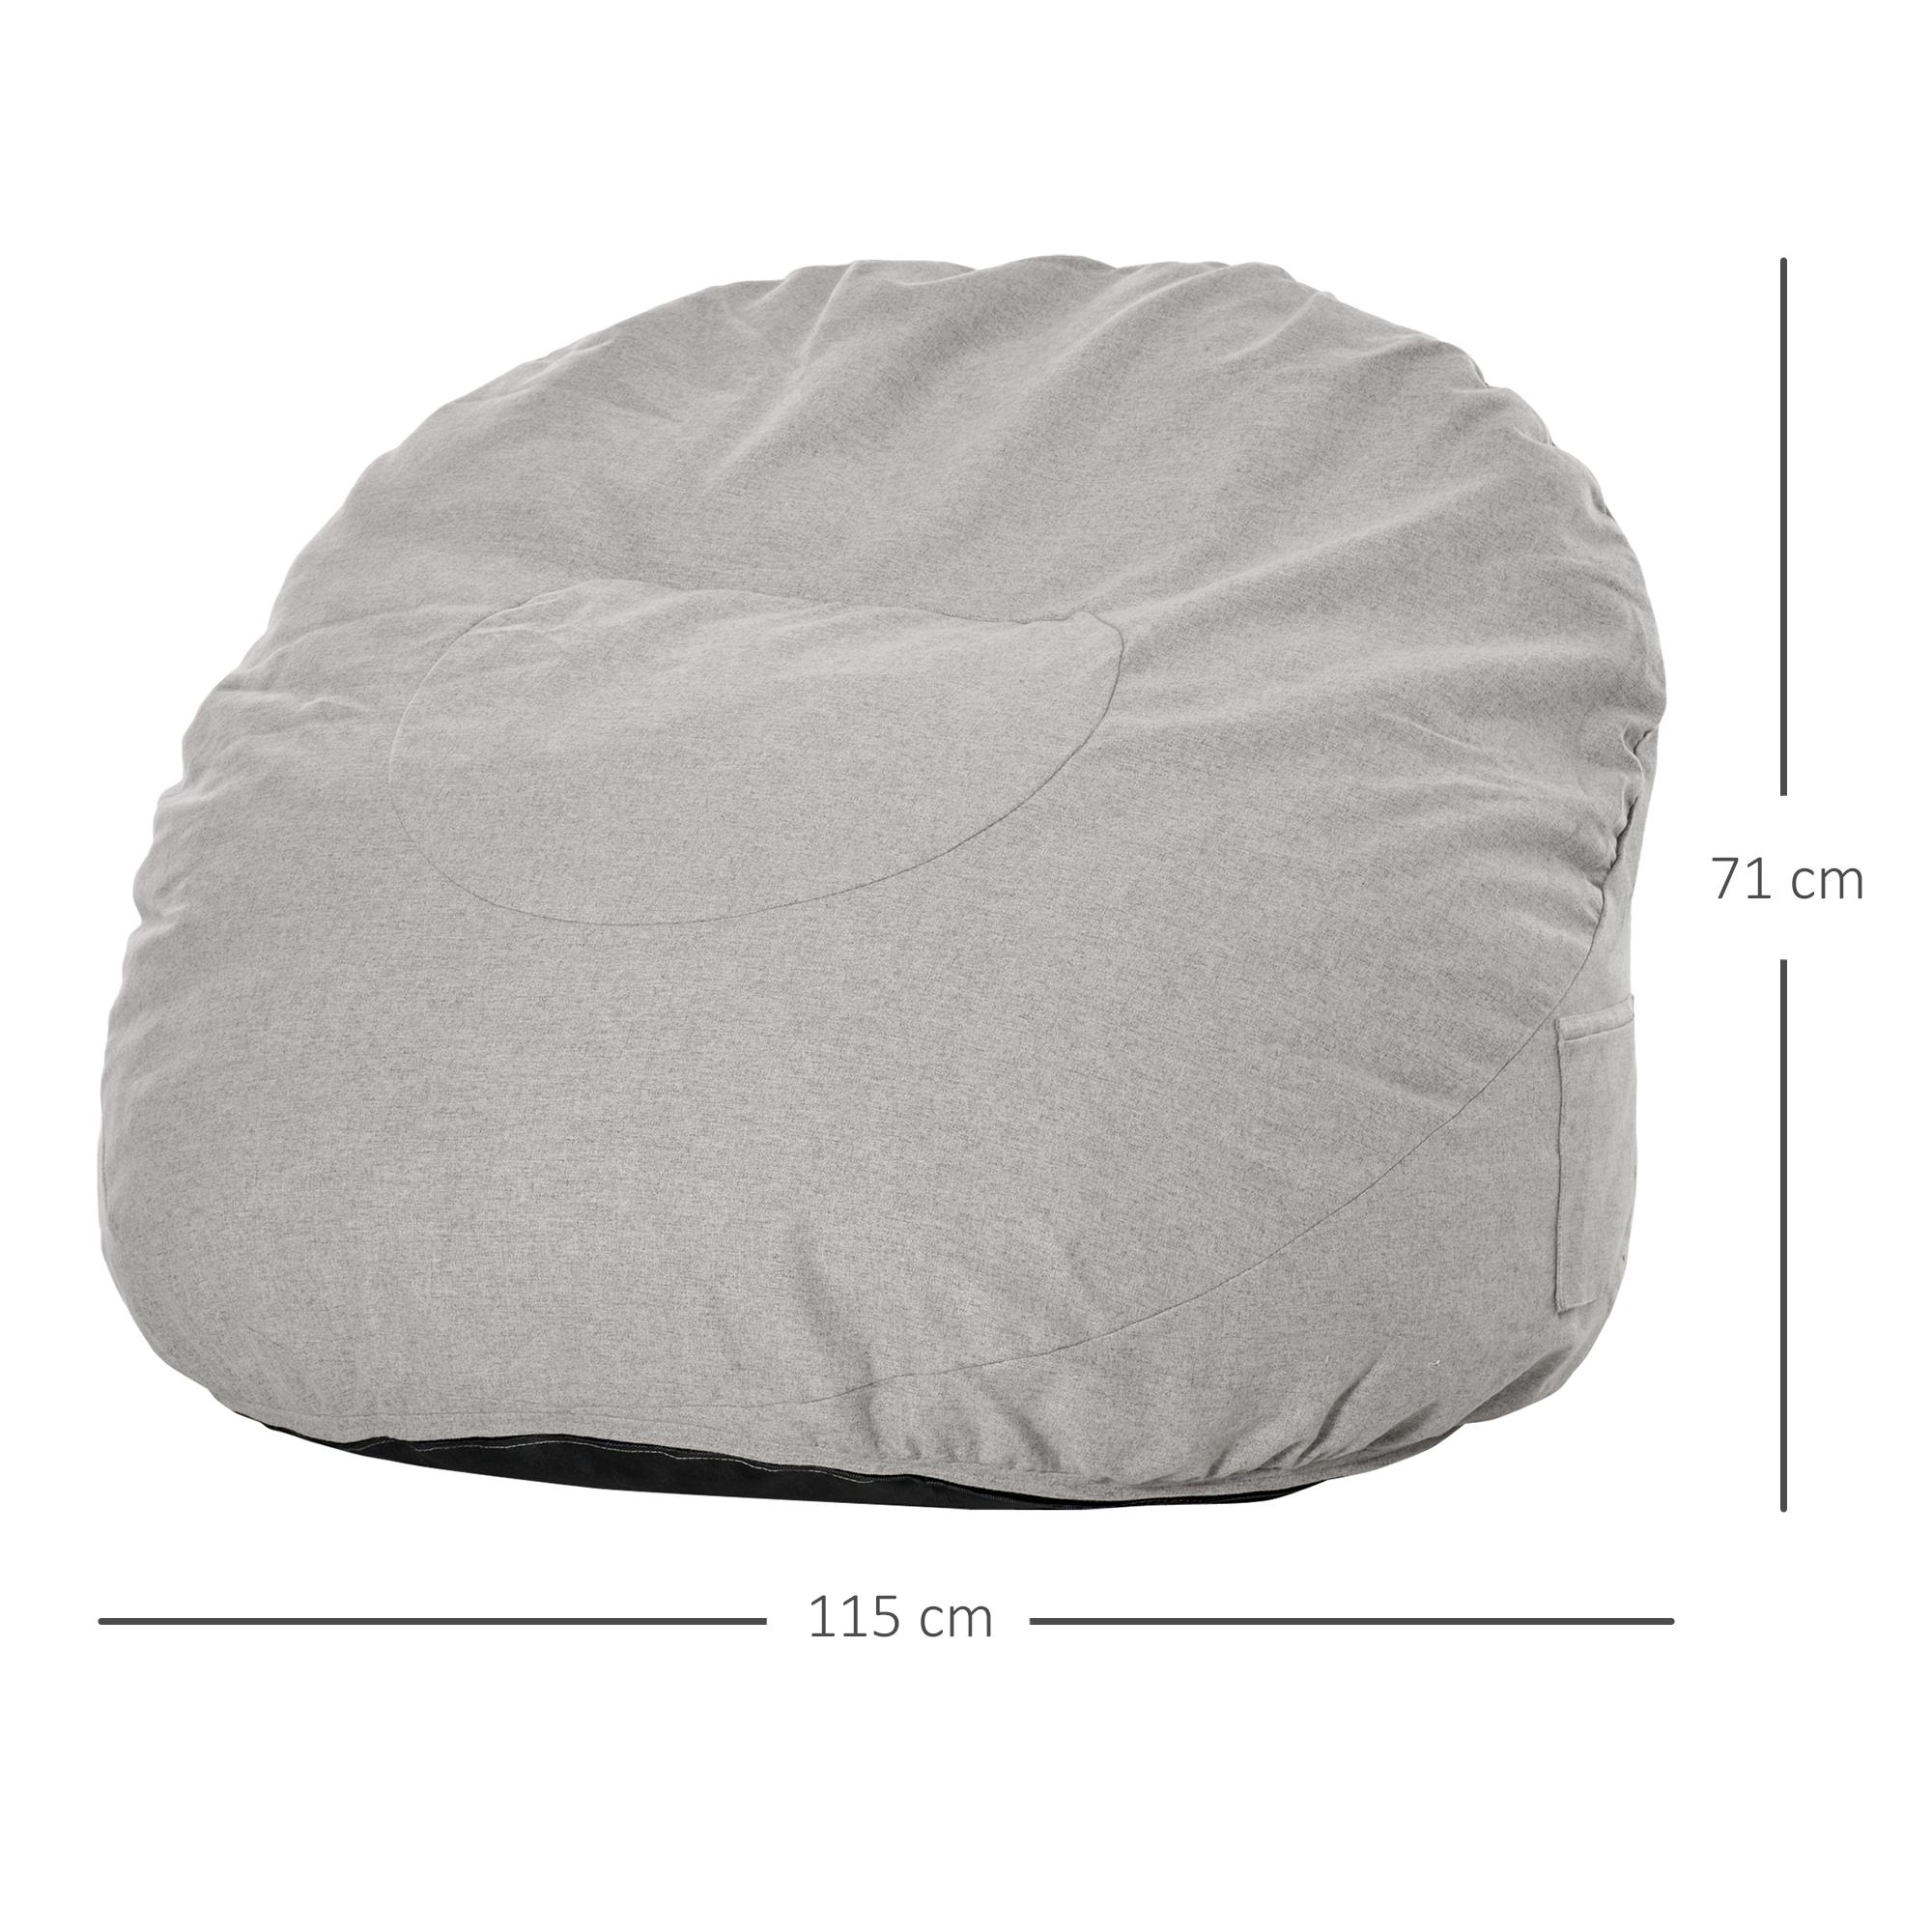 Indexbild 15 - Sitzsack Sitzkissen gepolstert Polyester Schaumstoff 3 Farben